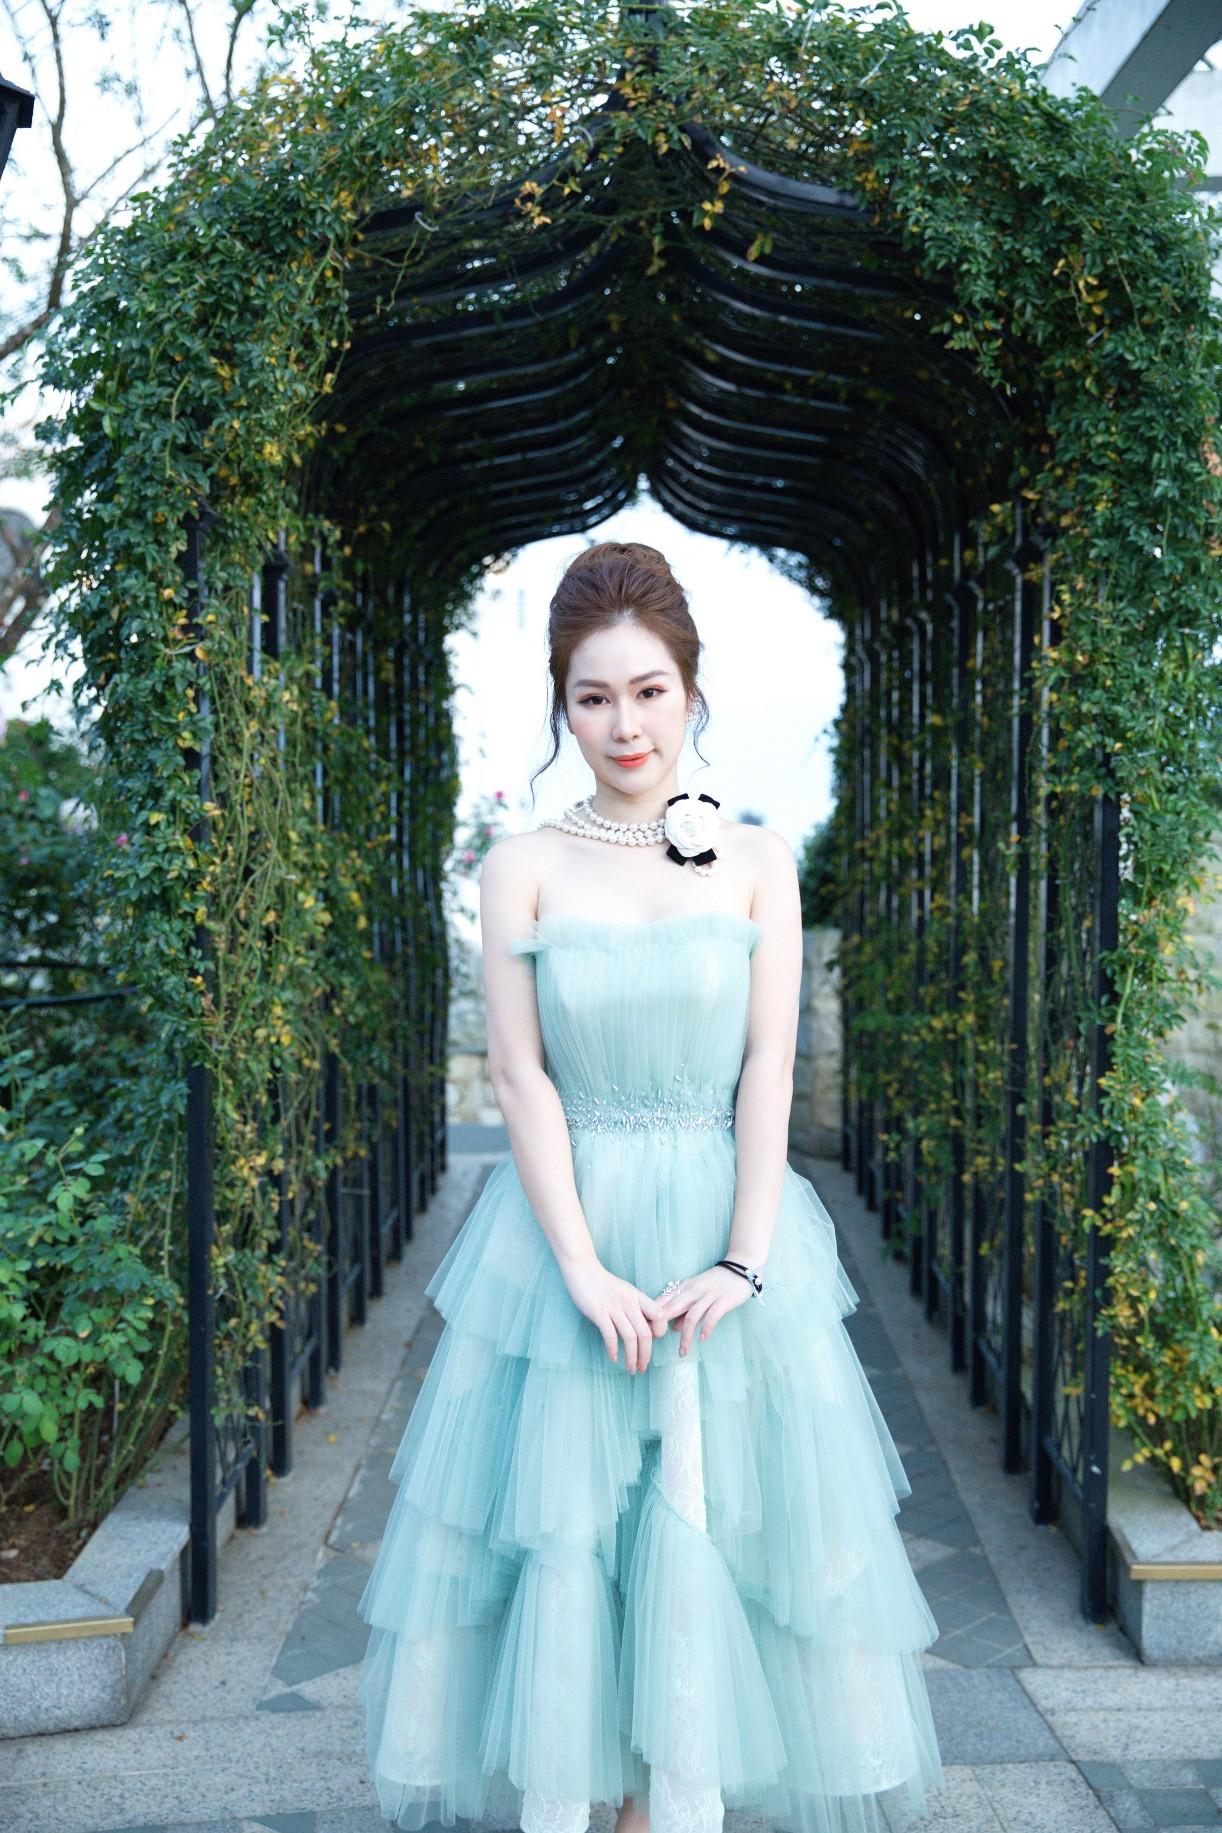 Hội chị em của Quỳnh Kool khiến cộng đồng mạng đứng ngồi không yên với tiệc Halloween quá chất - Ảnh 11.